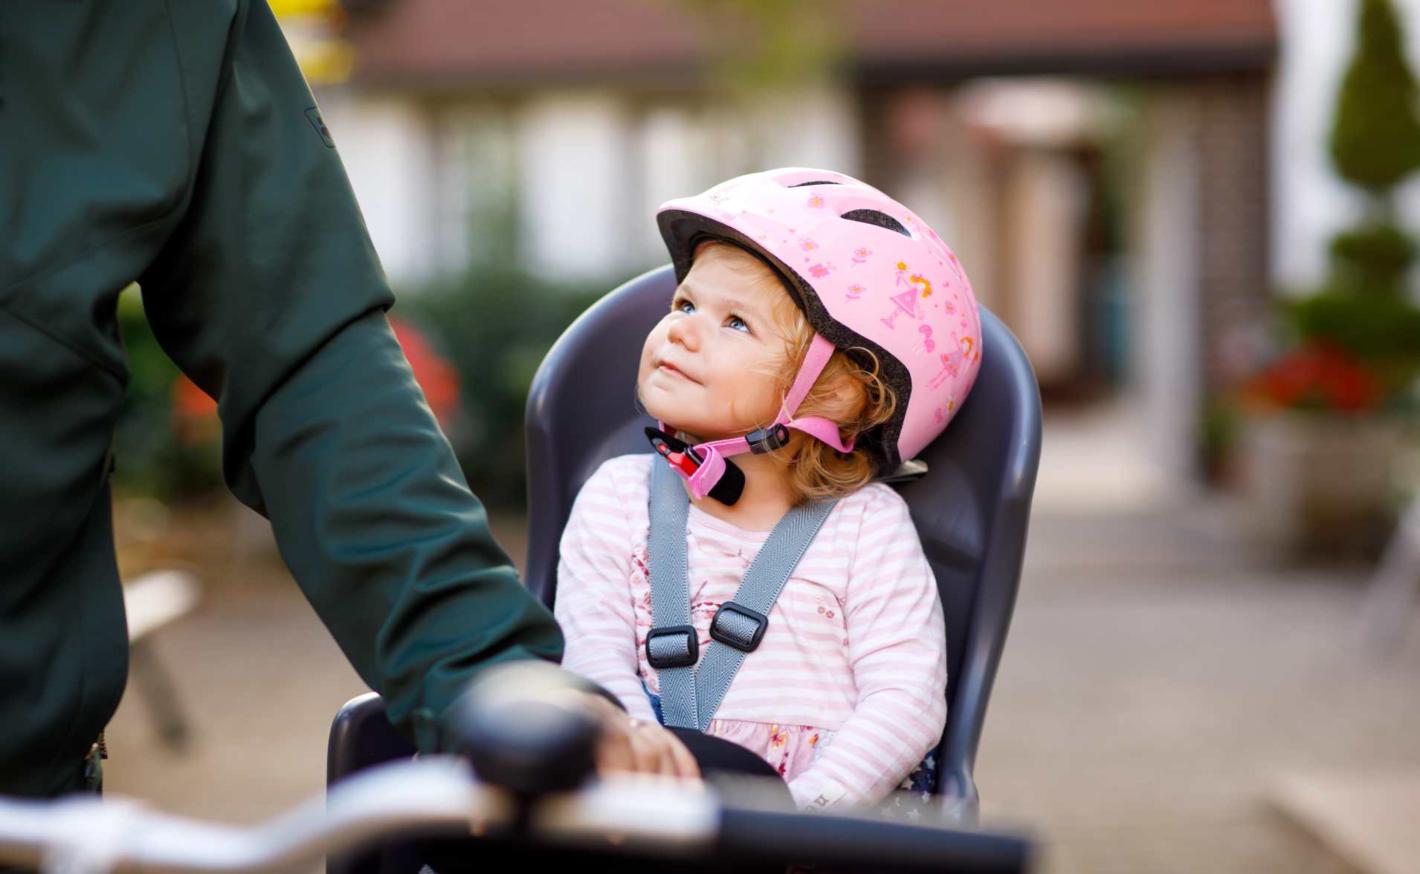 Nejčastější dětské úrazy a jak jim předcházet